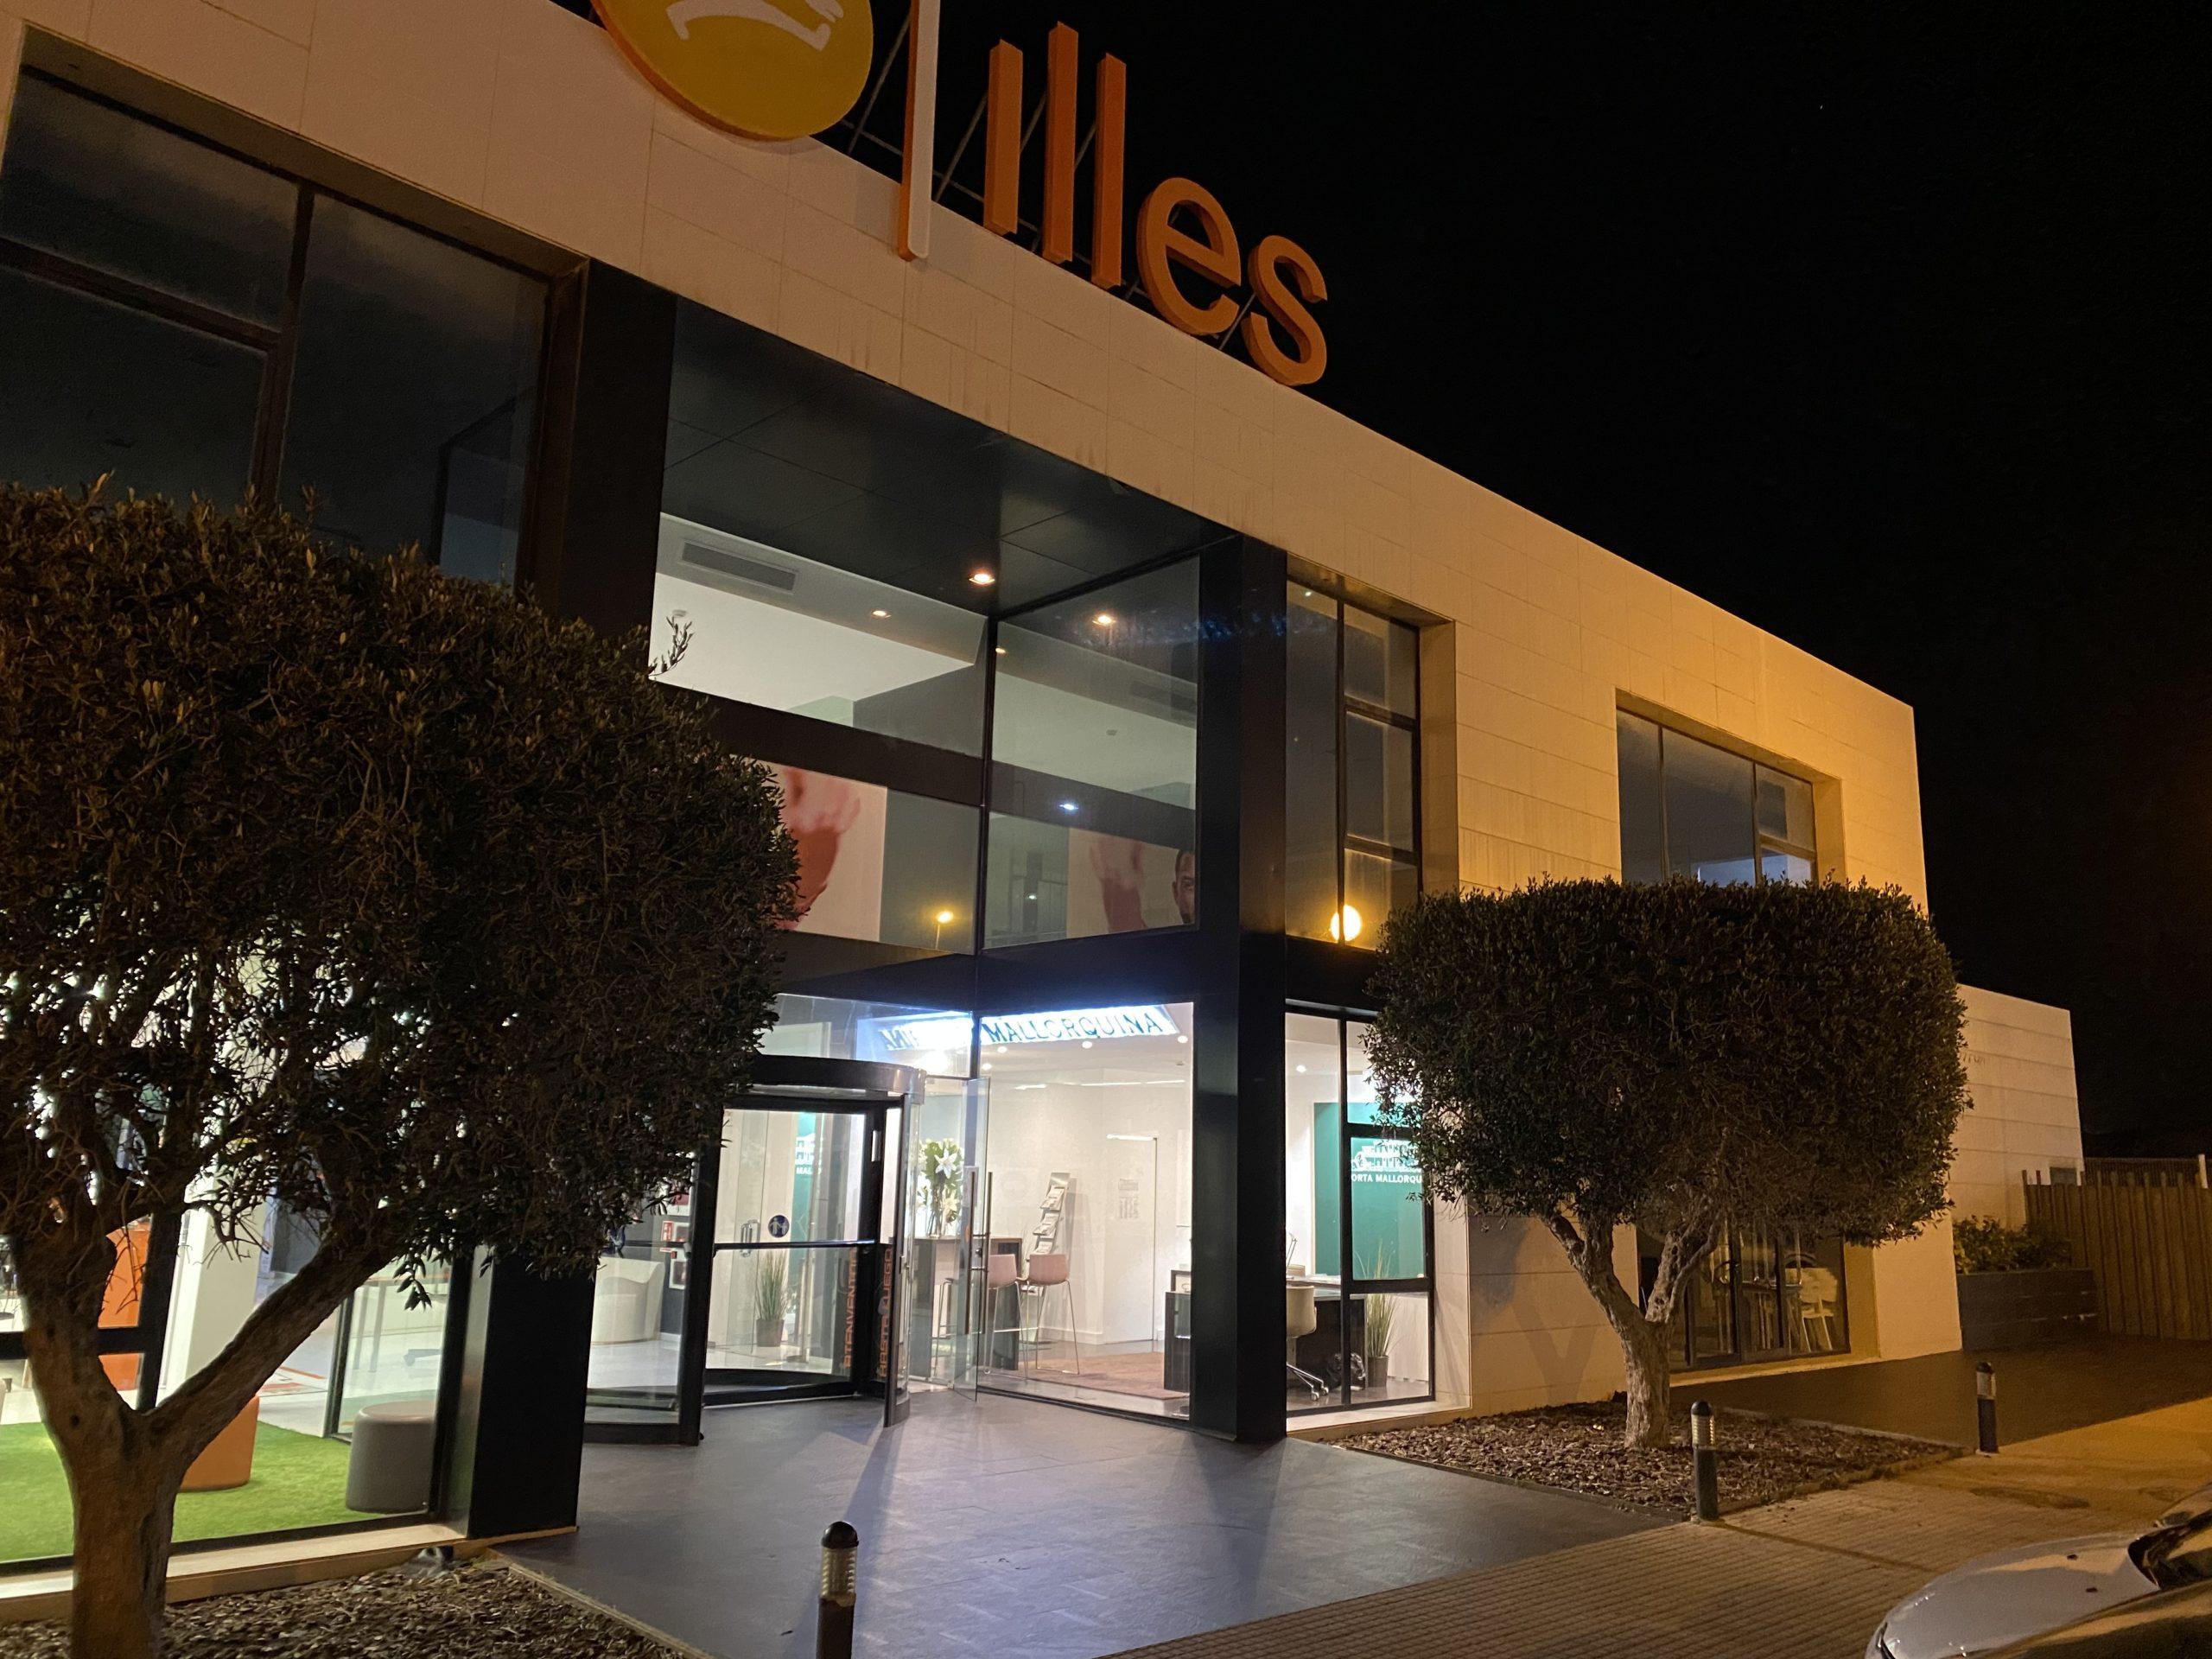 Der neue Immobilienshop von Porta Mallorquina befindet sich direkt im Eingangsbereich des bekannten Fitnessstudios Illes in der Carrer de Son Thomas 2, im bekannten Gewerbegebiet Son Bugadelles zwischen Portals Nous und Santa Ponsa.